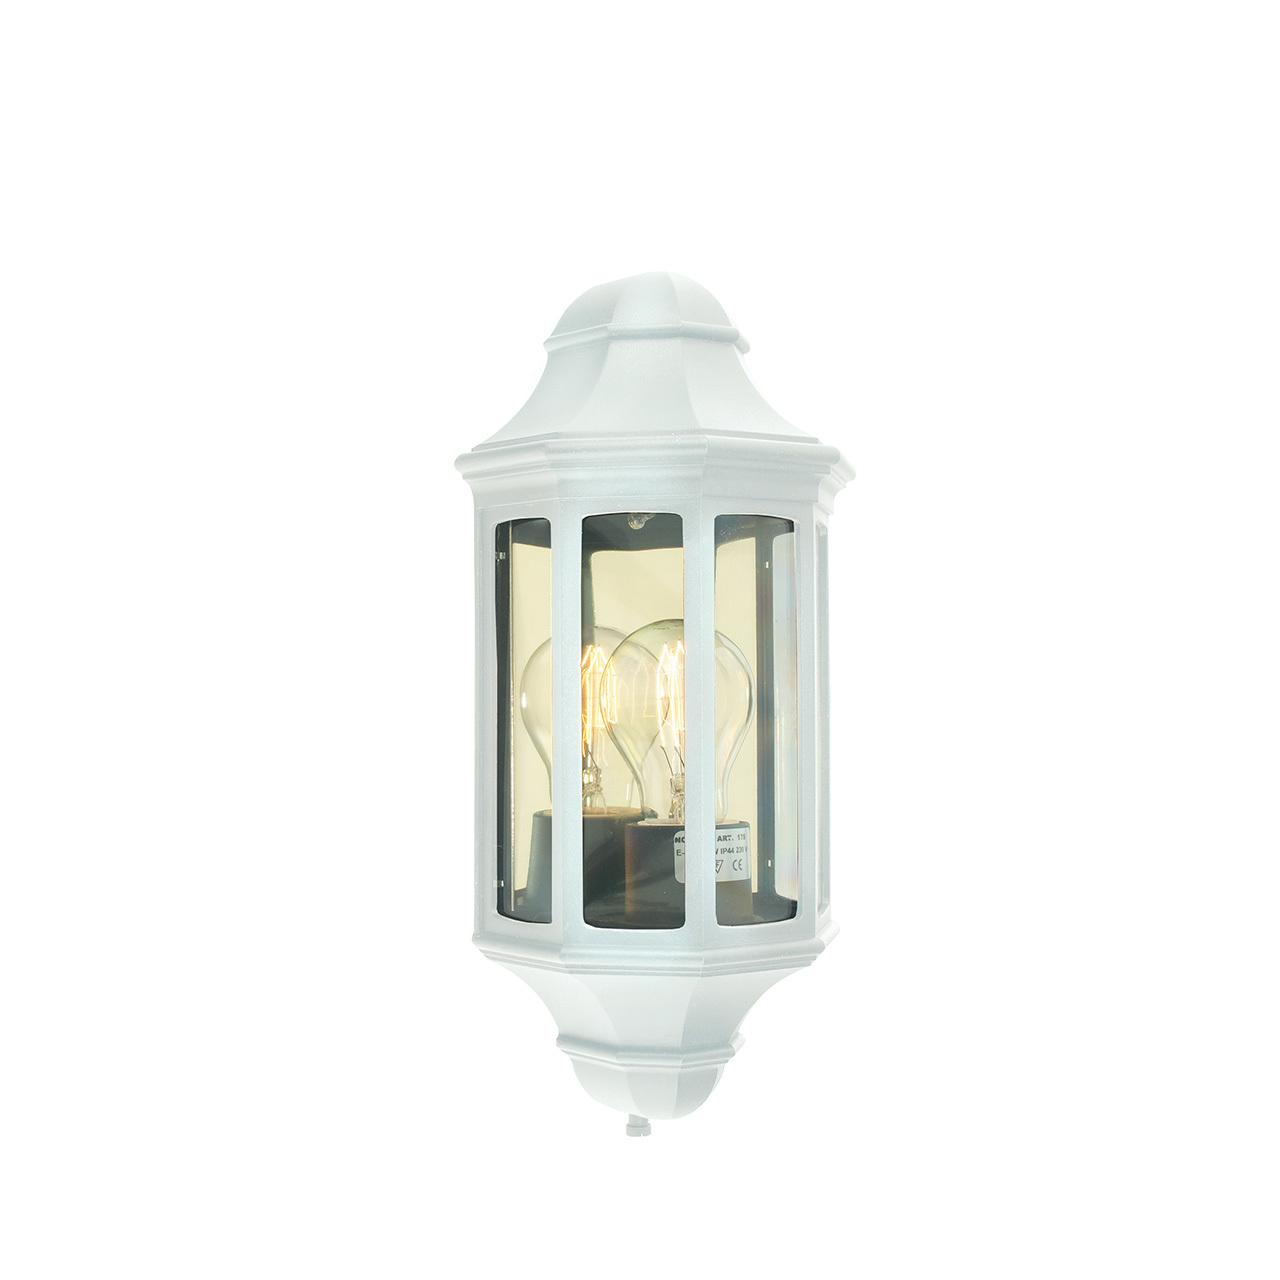 Lampa ścienna GENOVA MINI 175W -Norlys  SPRAWDŹ RABATY  5-10-15-20 % w koszyku